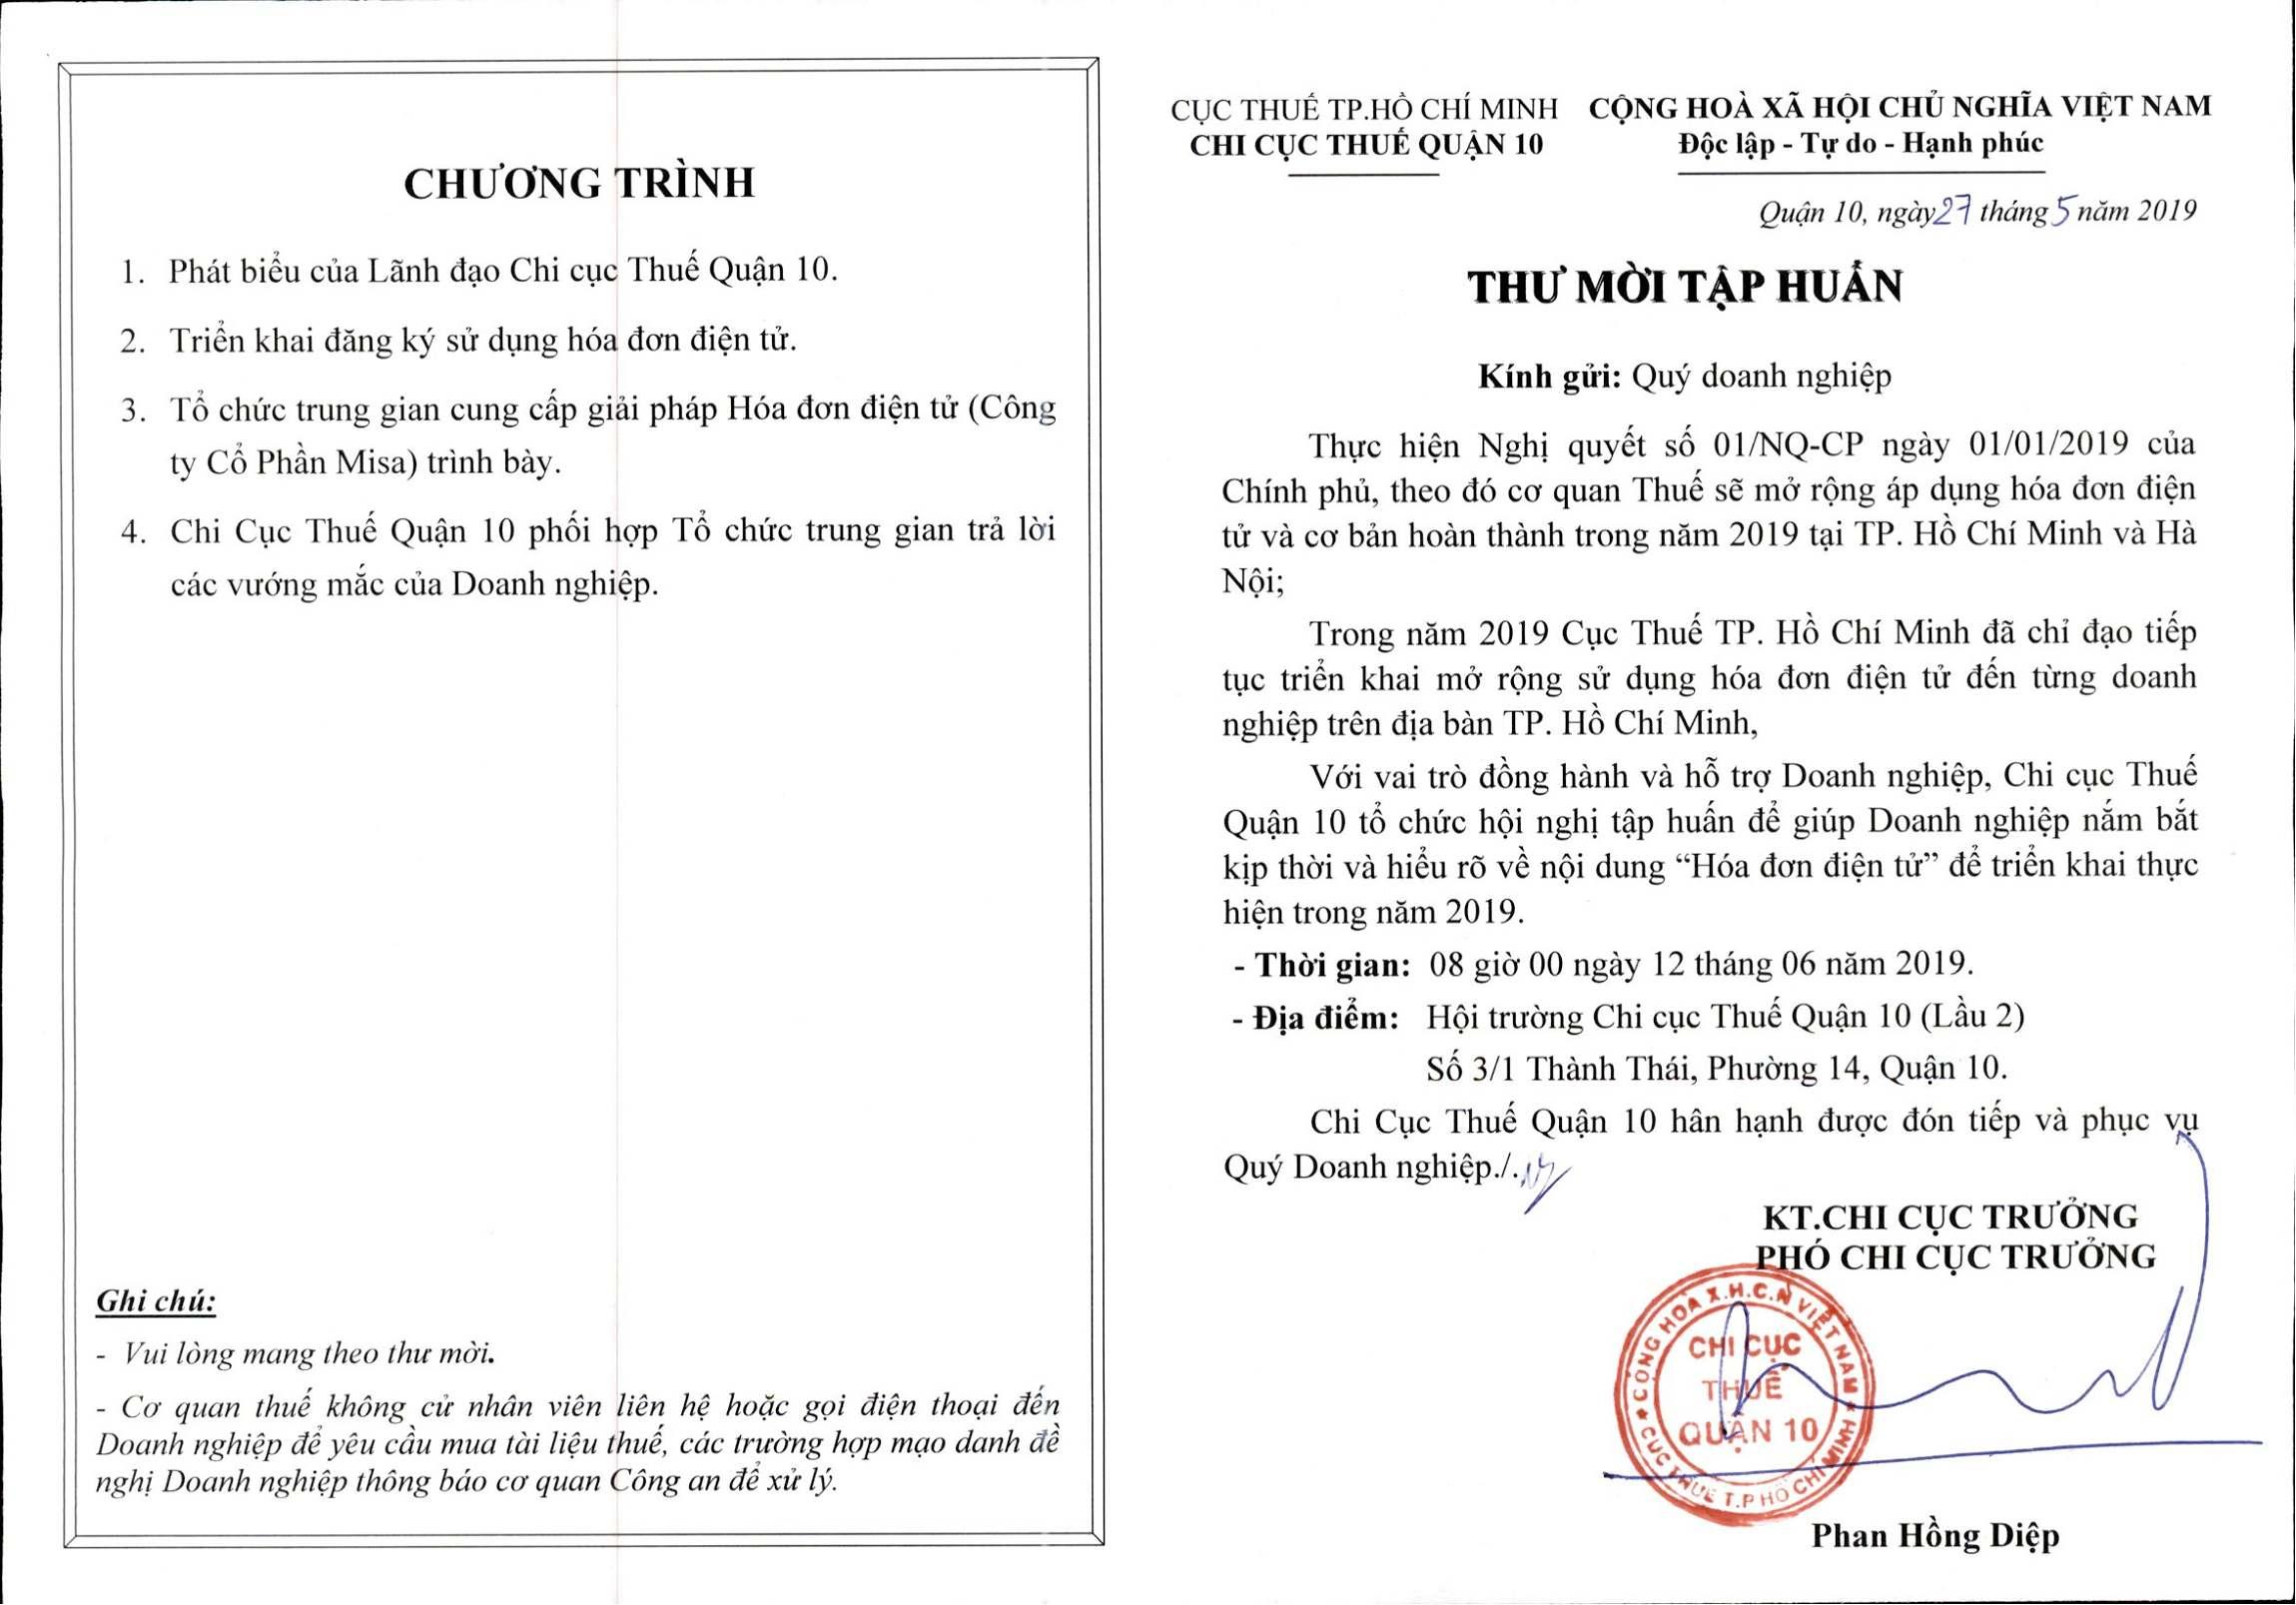 MISA đồng hành cùng Chi Cục Thuế Quận 10, TP Hồ Chí Minh